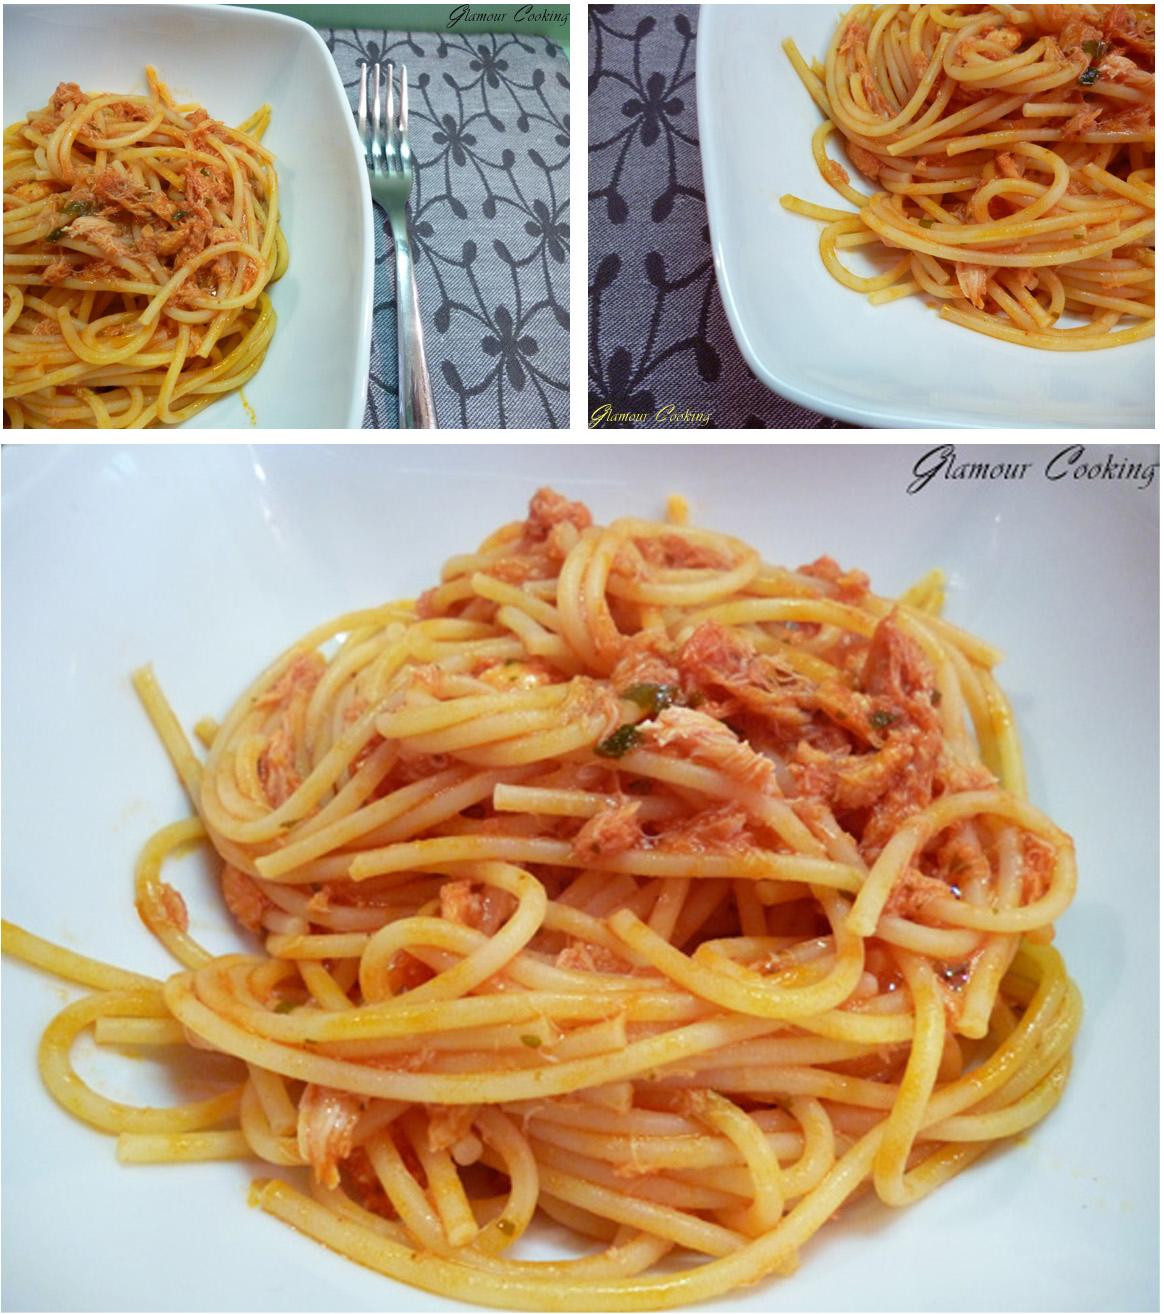 Glamour cooking spaghetti alla polpa di granchio tr s for Cucinare granchio